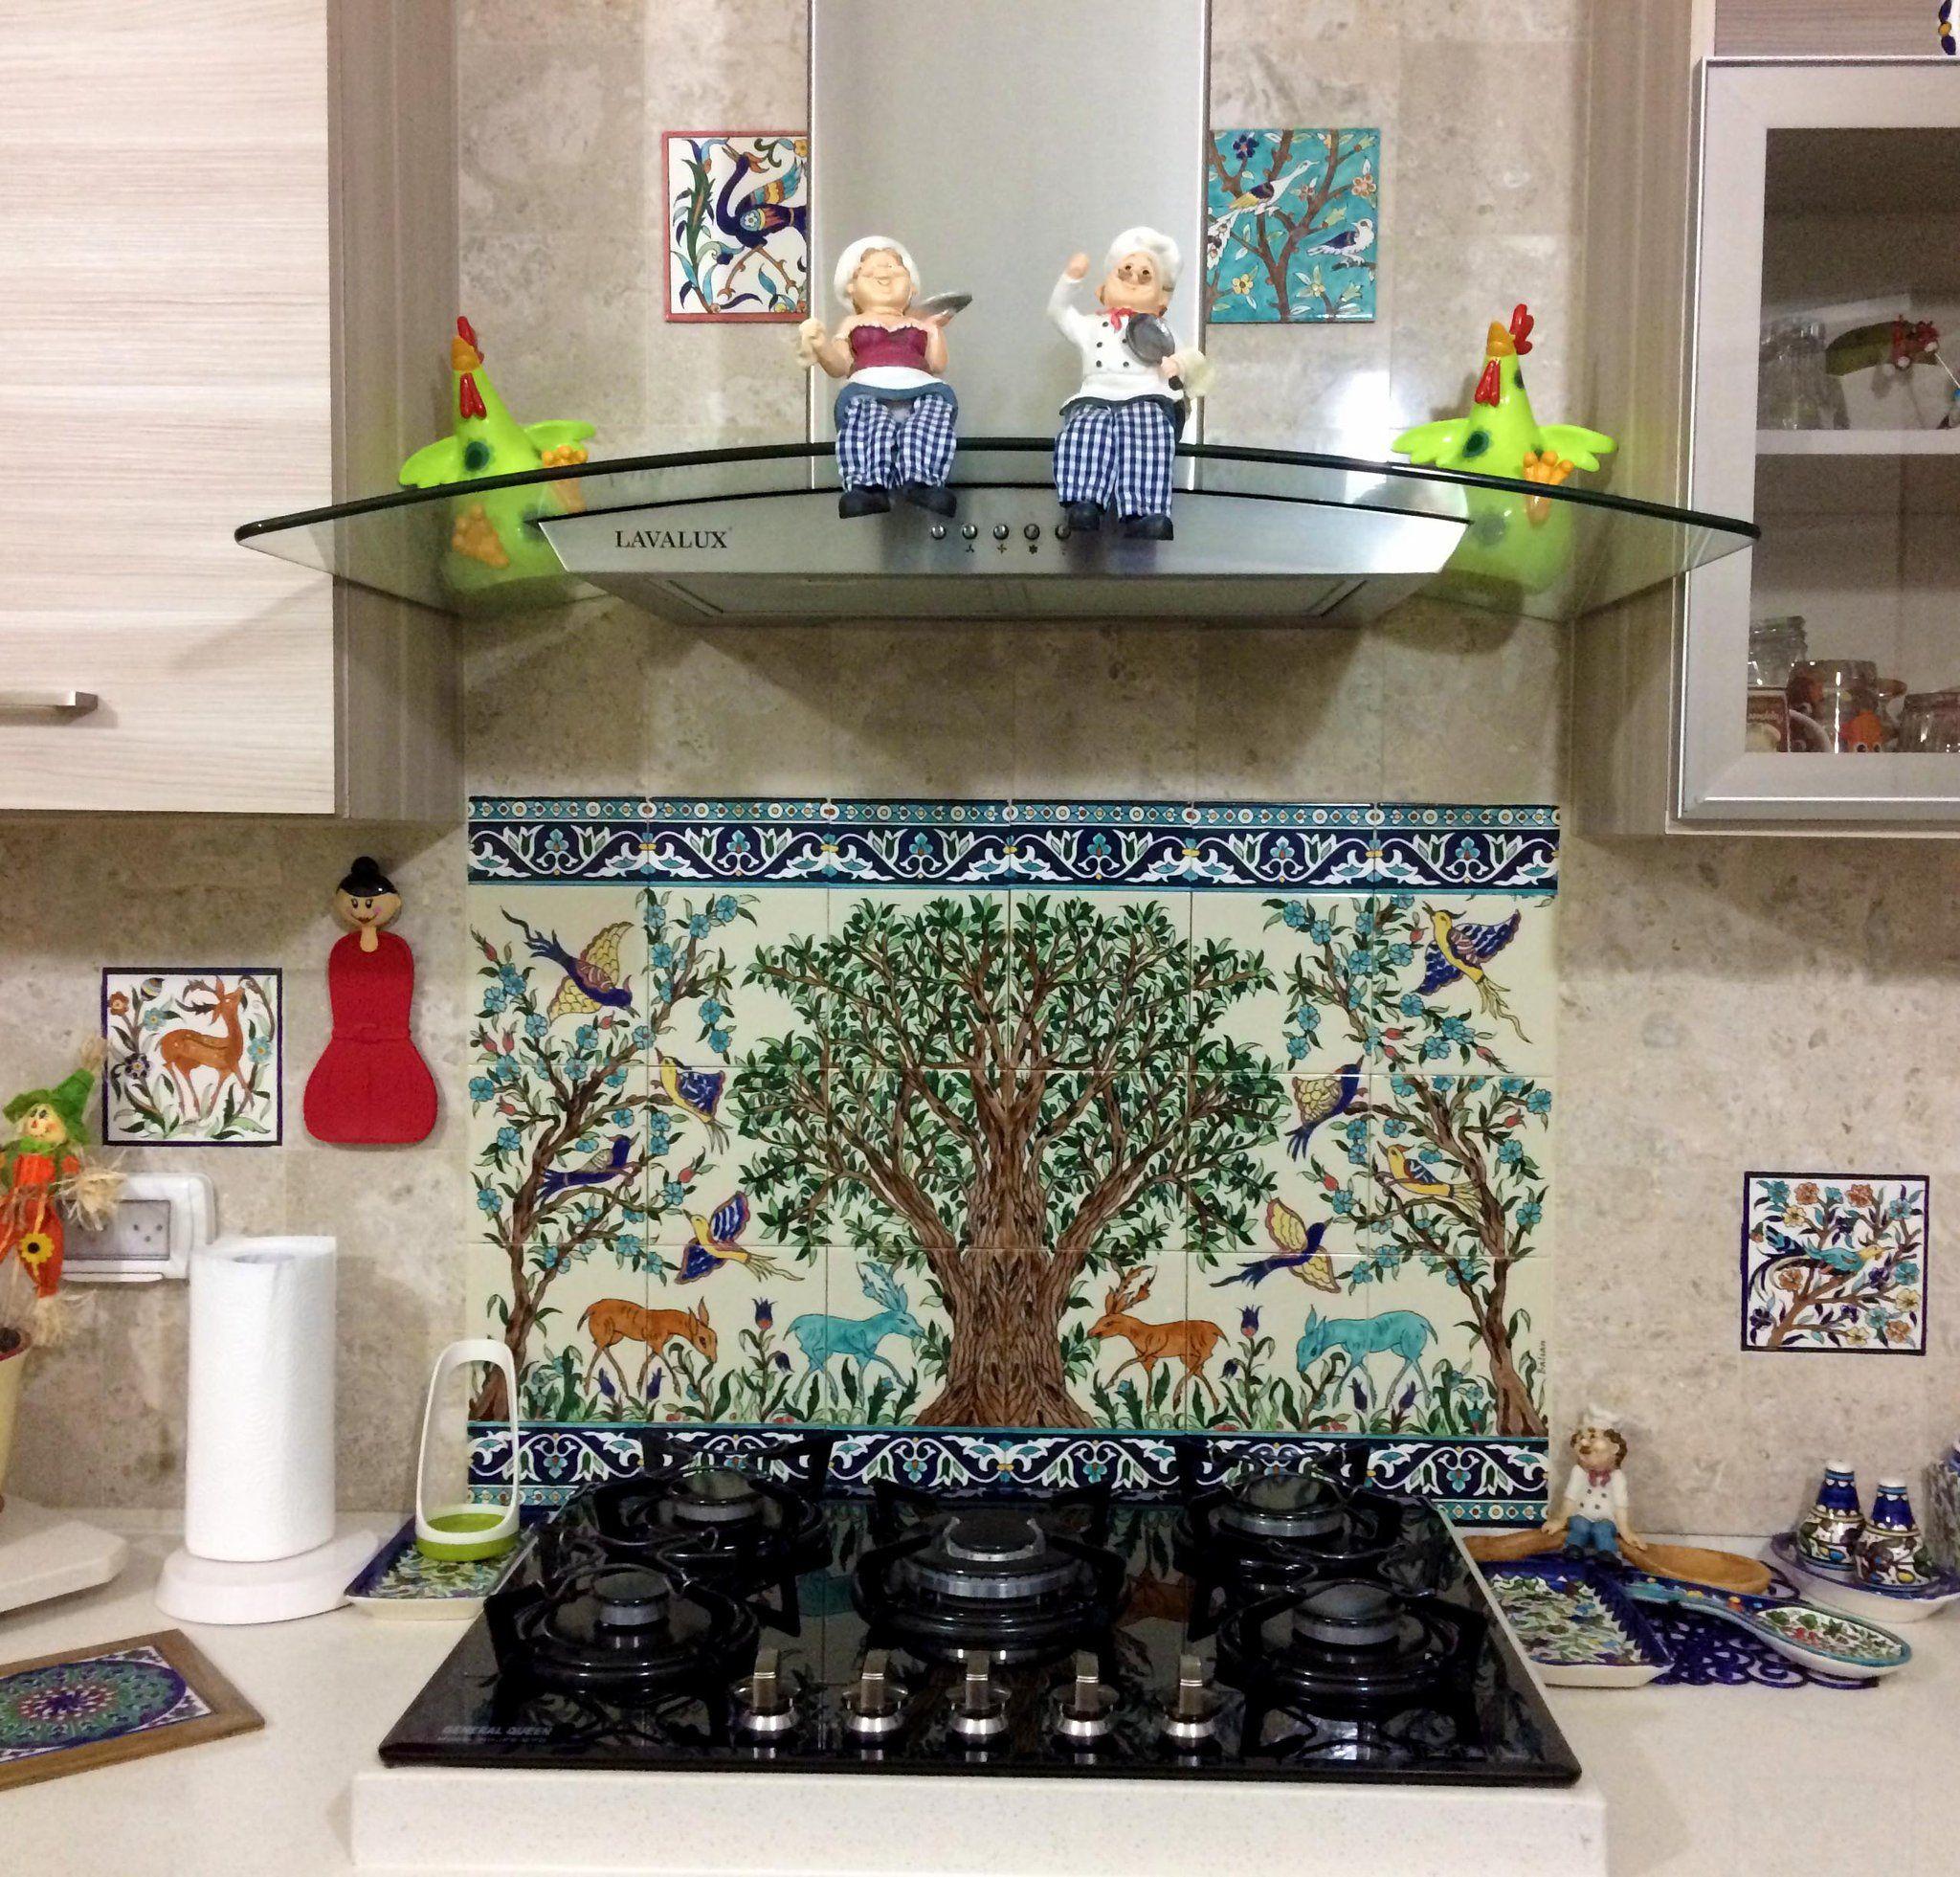 Hand painted kitchen tile backsplash tile mural of the Jerusalem ...